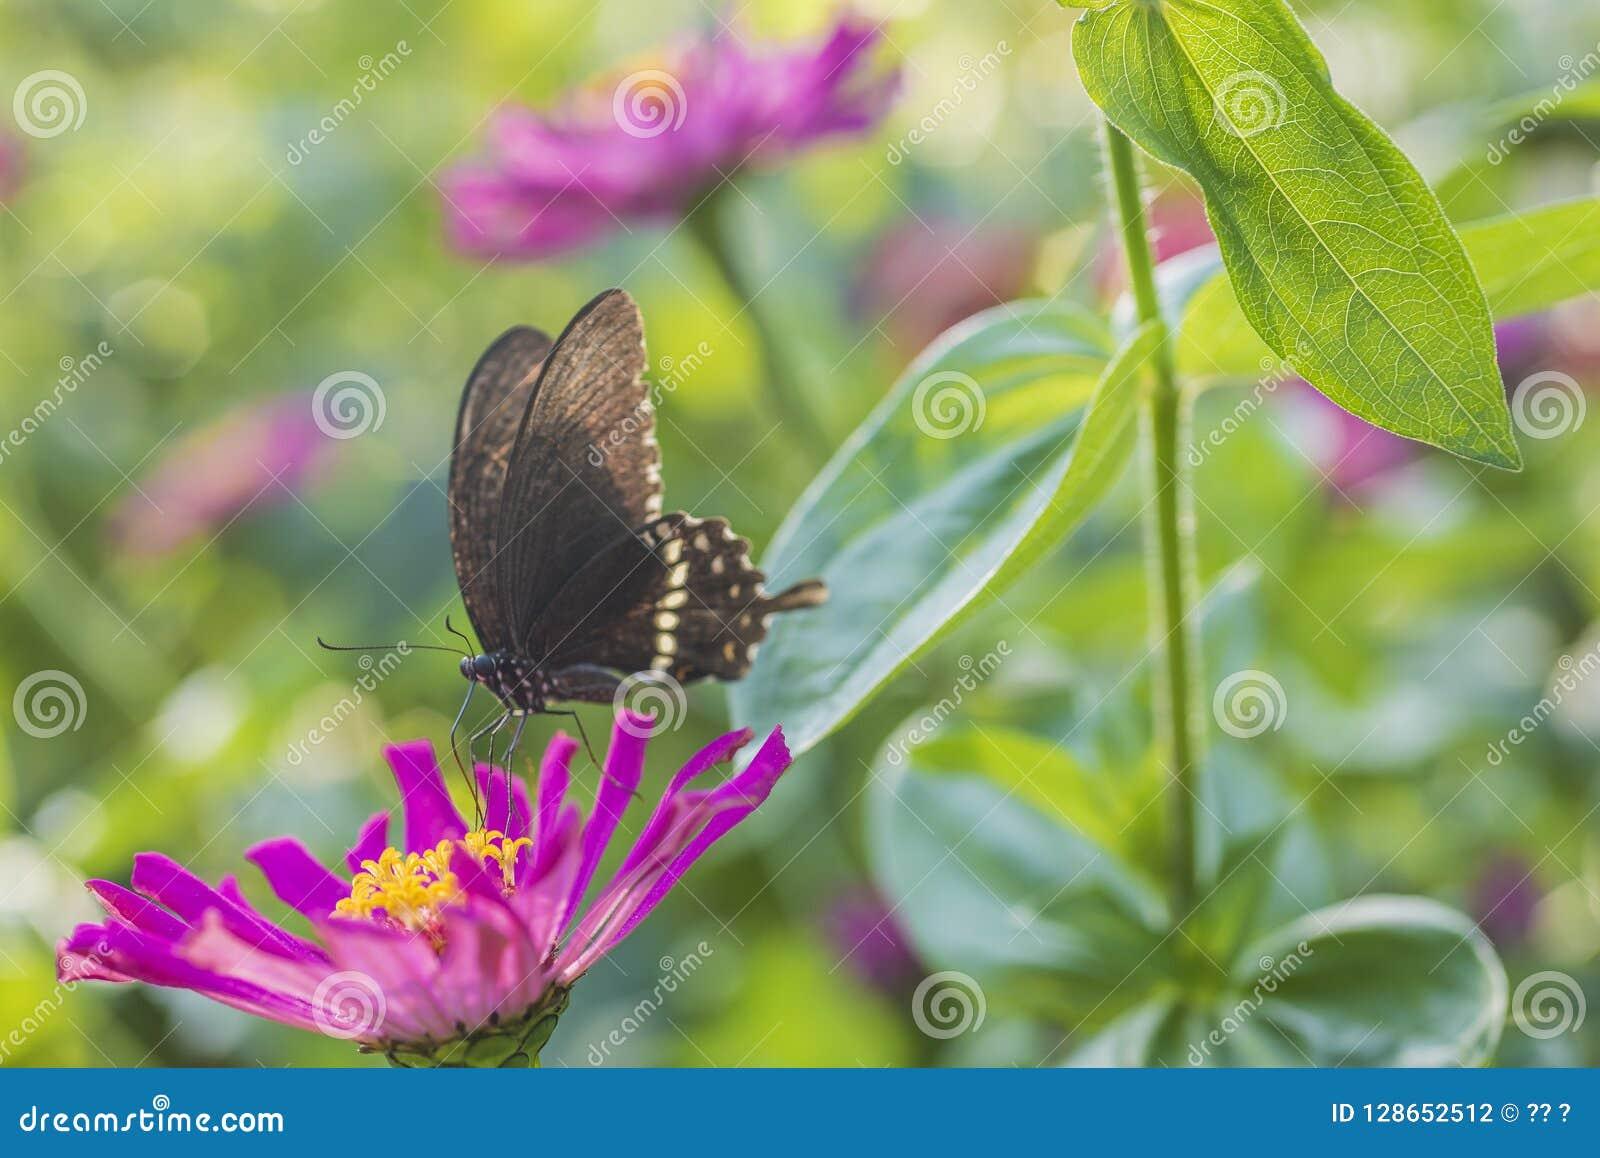 Tiro macro, una mariposa negra en una pequeña flor roja